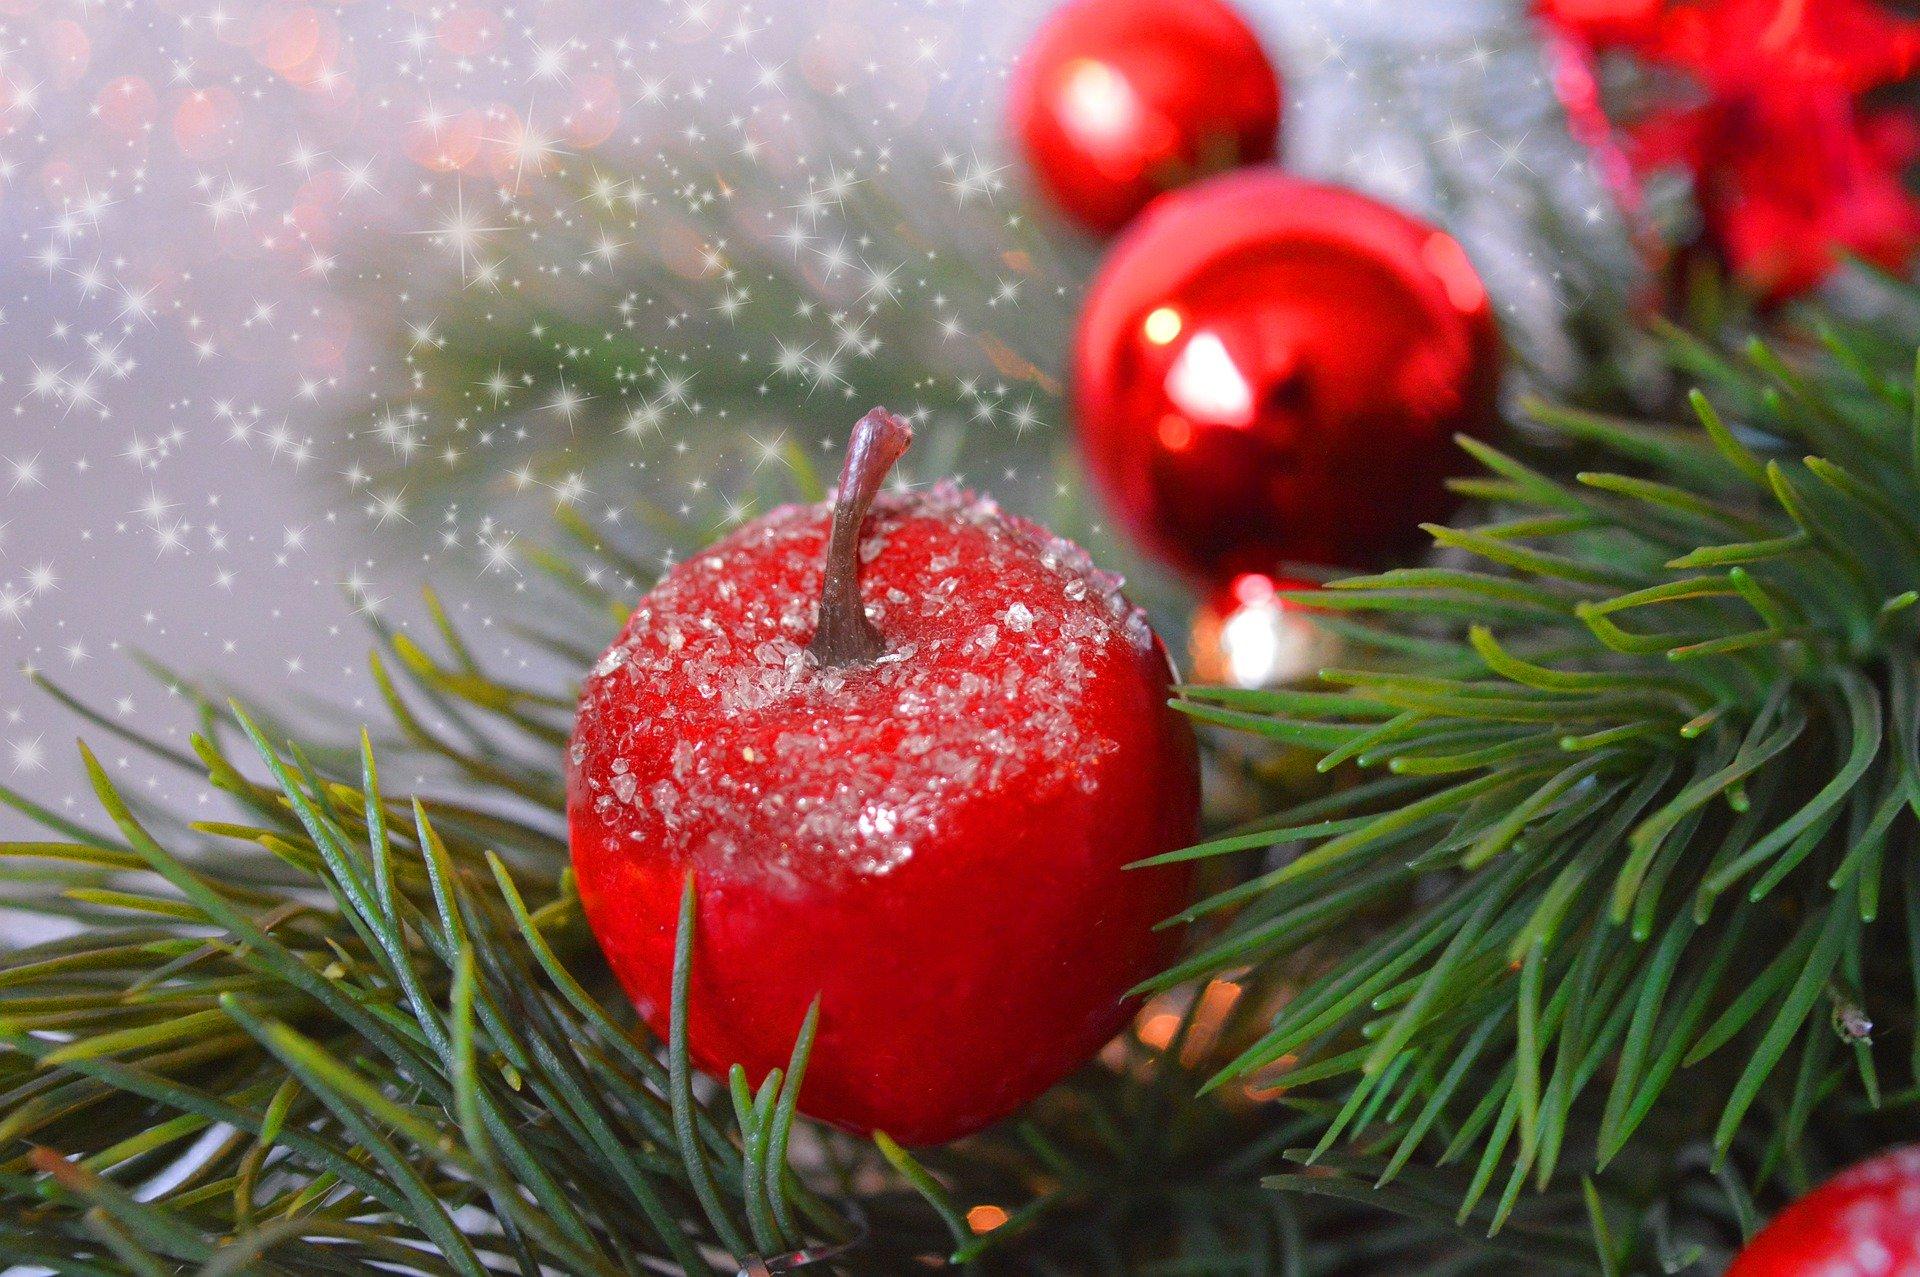 Boeren en tuinders pakken uit met kerst